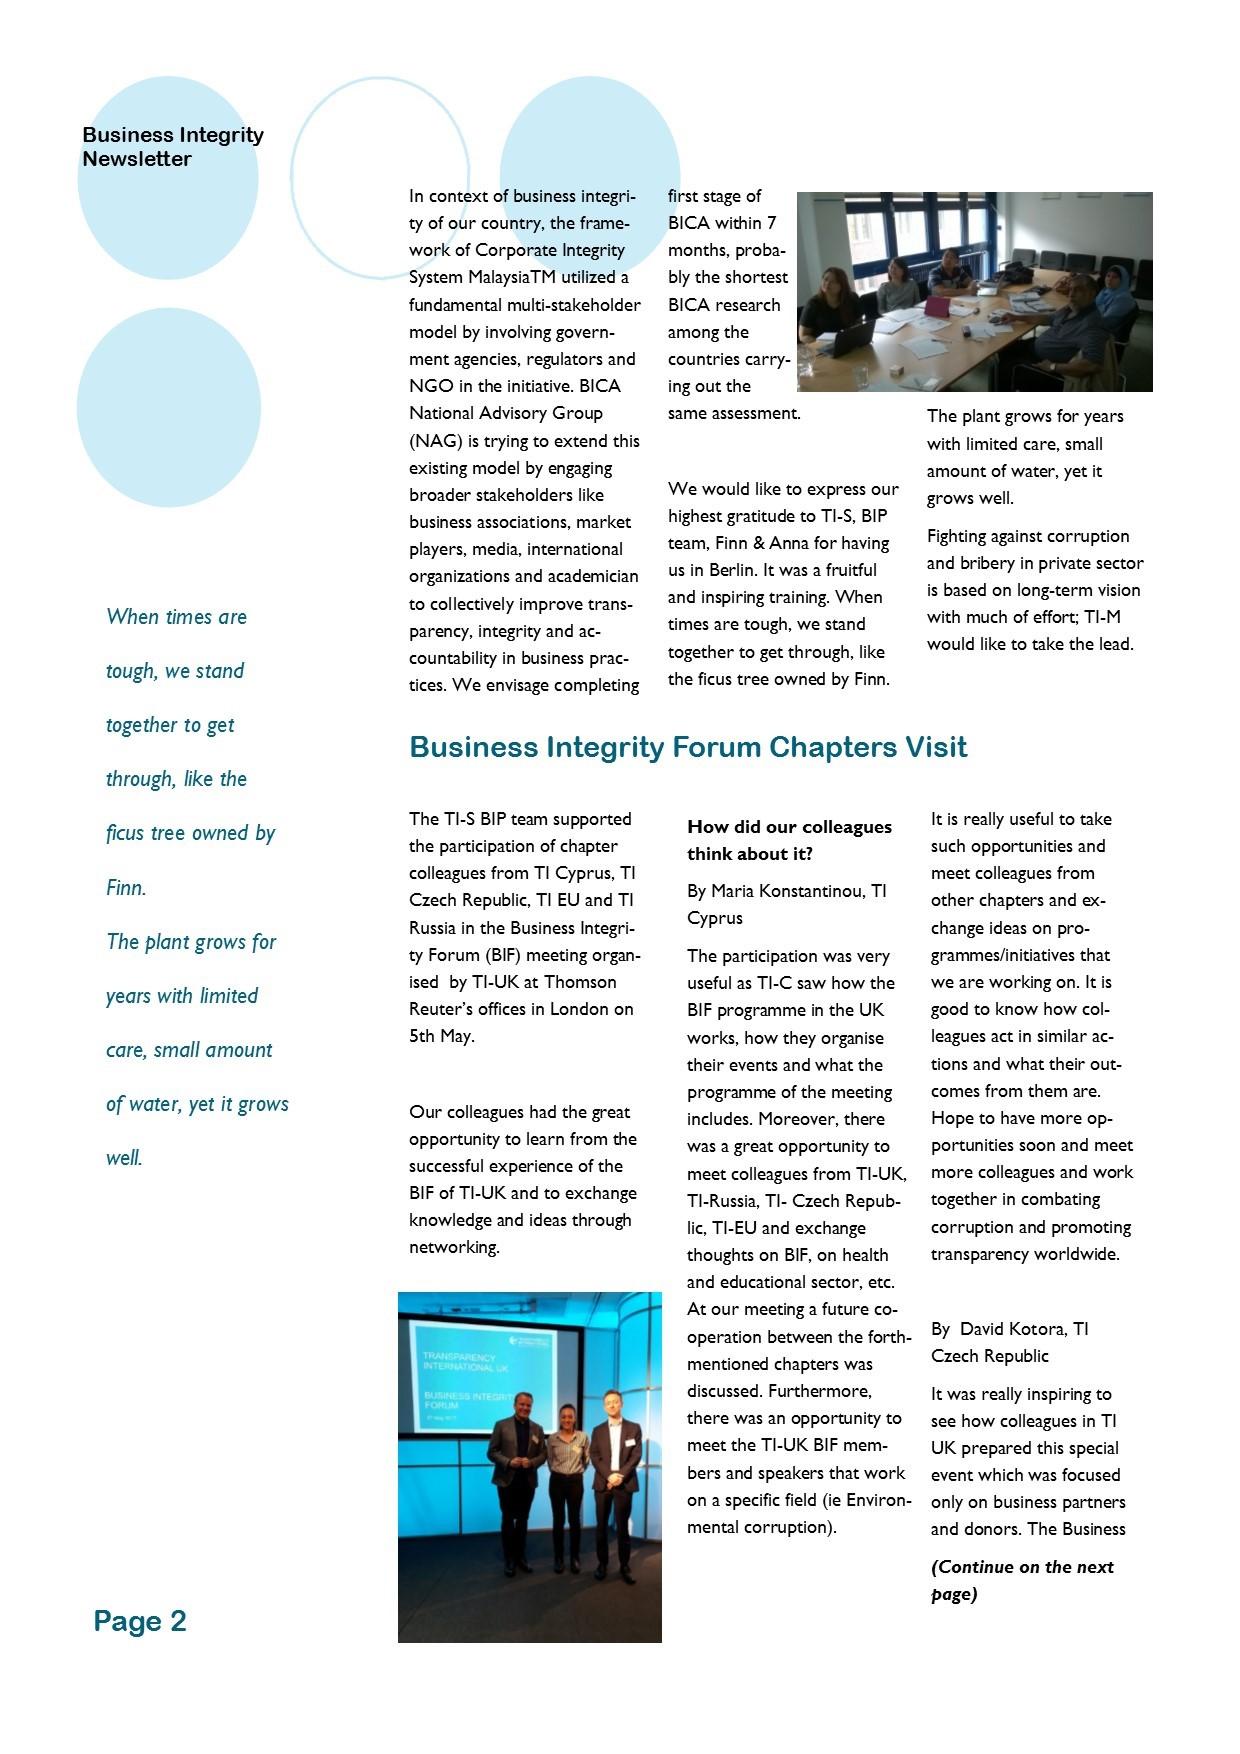 ניוזלטר עסקי יולי 2017 - עמוד 2